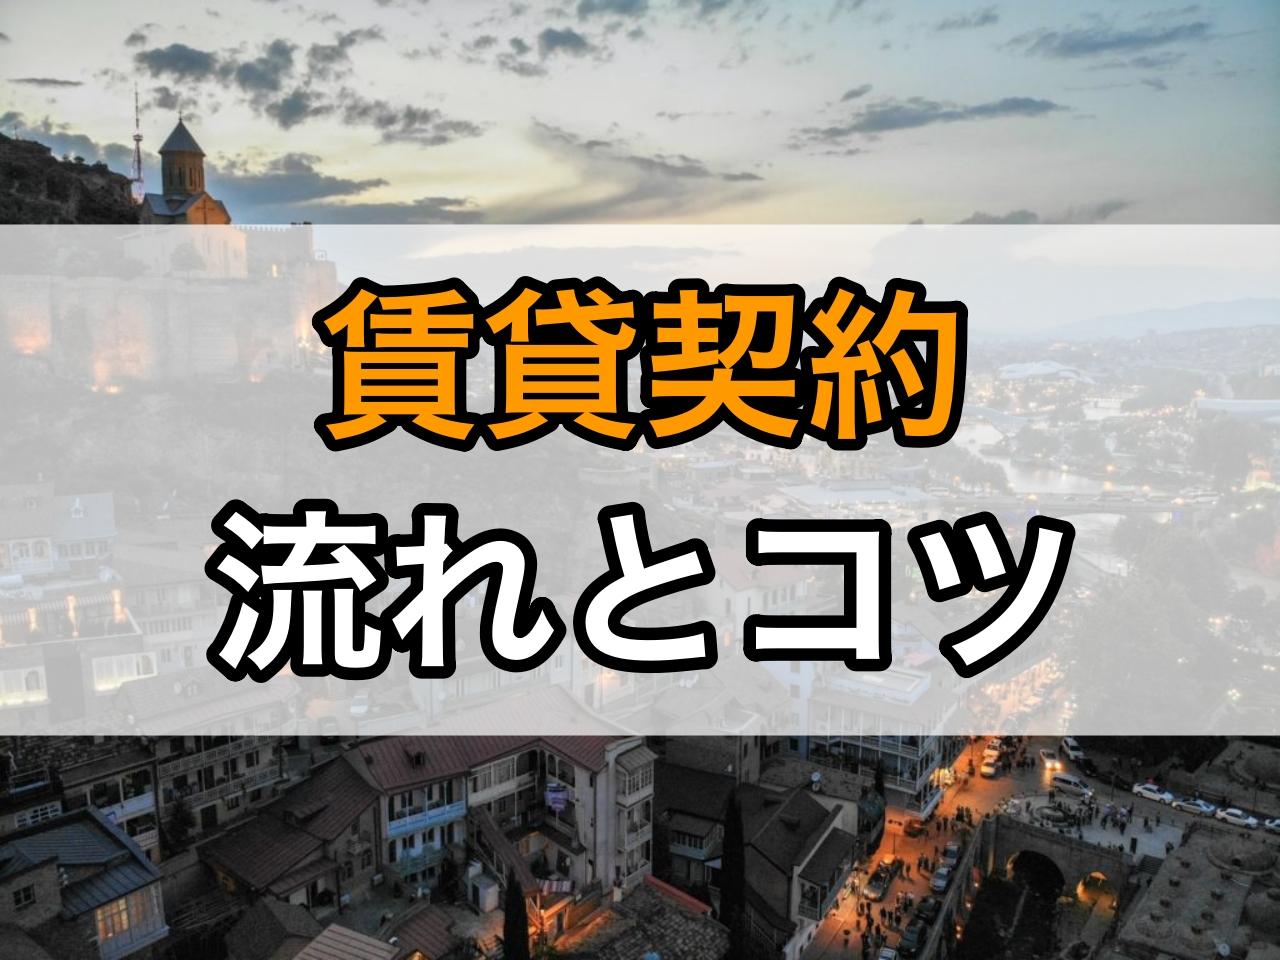 【ジョージア】トビリシも物件契約までの流れを解説!